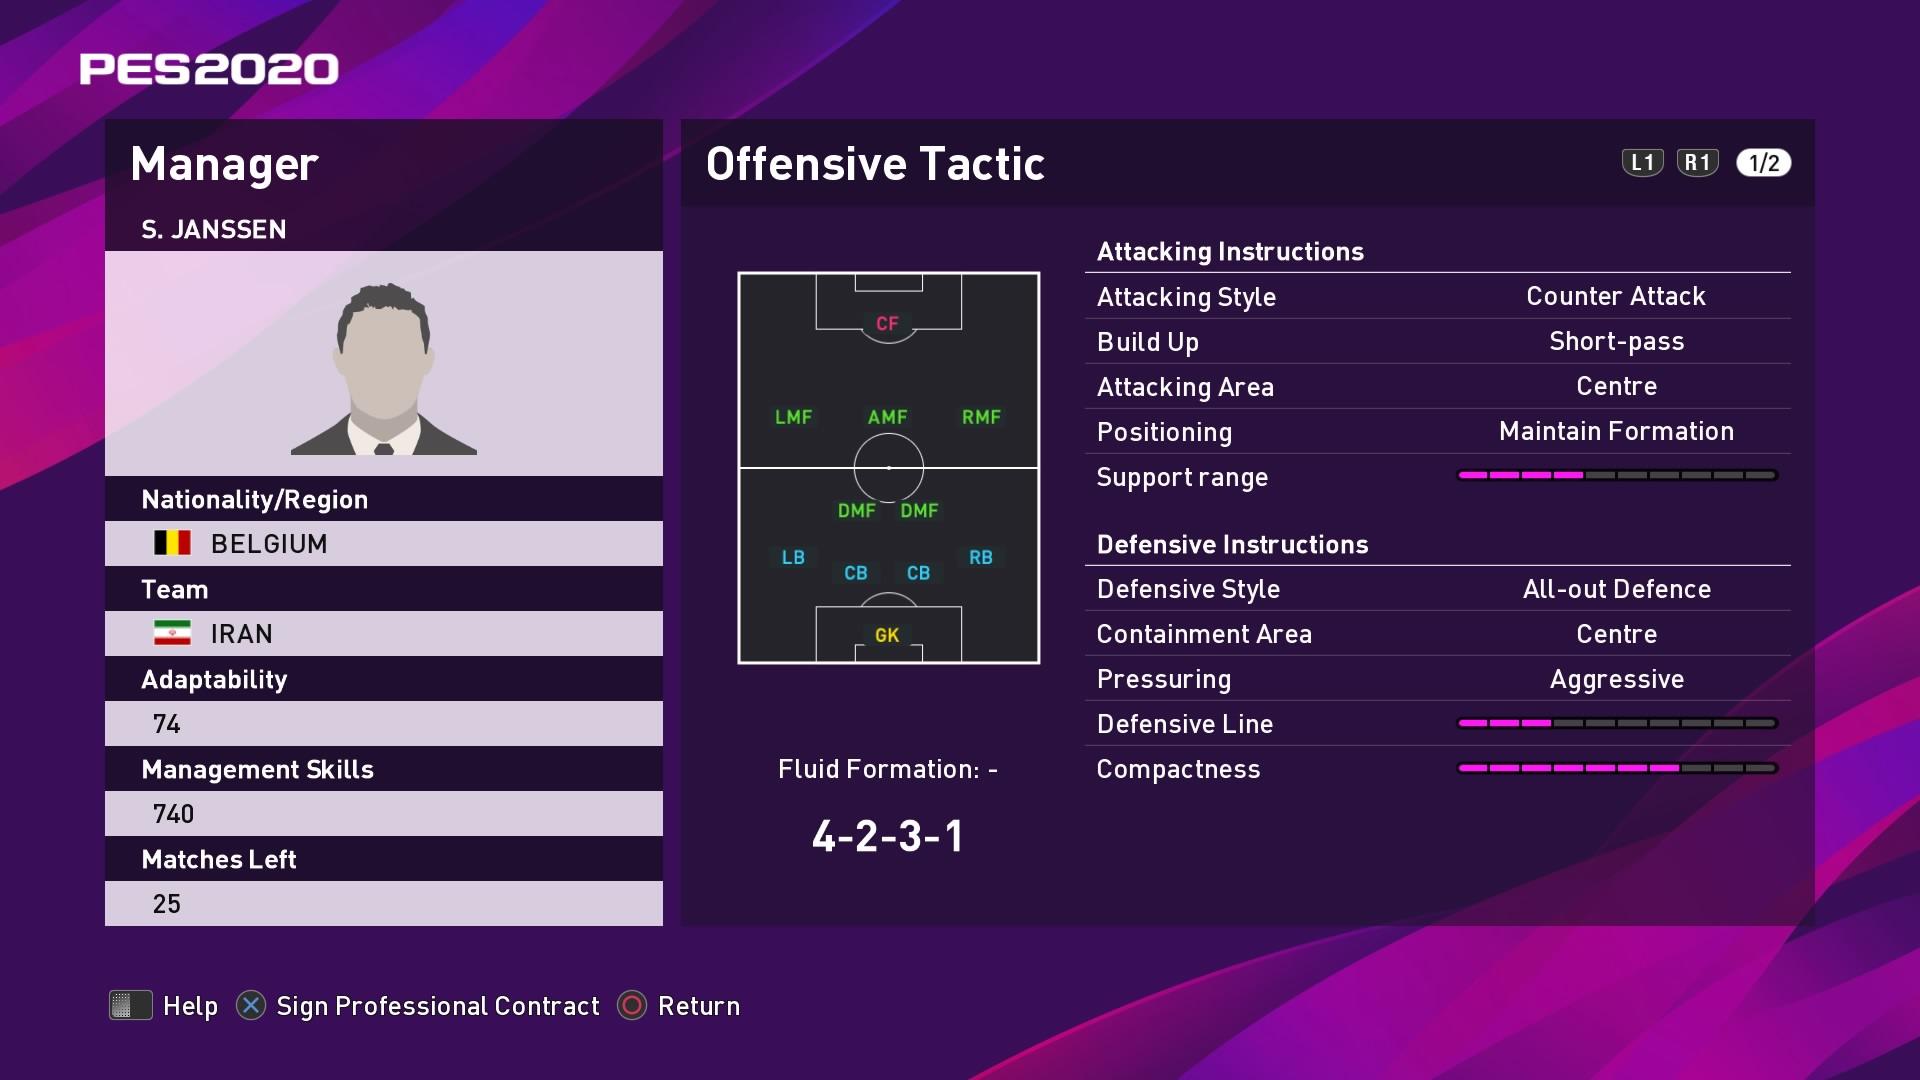 S. Janssen (Marc Wilmots) Offensive Tactic in PES 2020 myClub